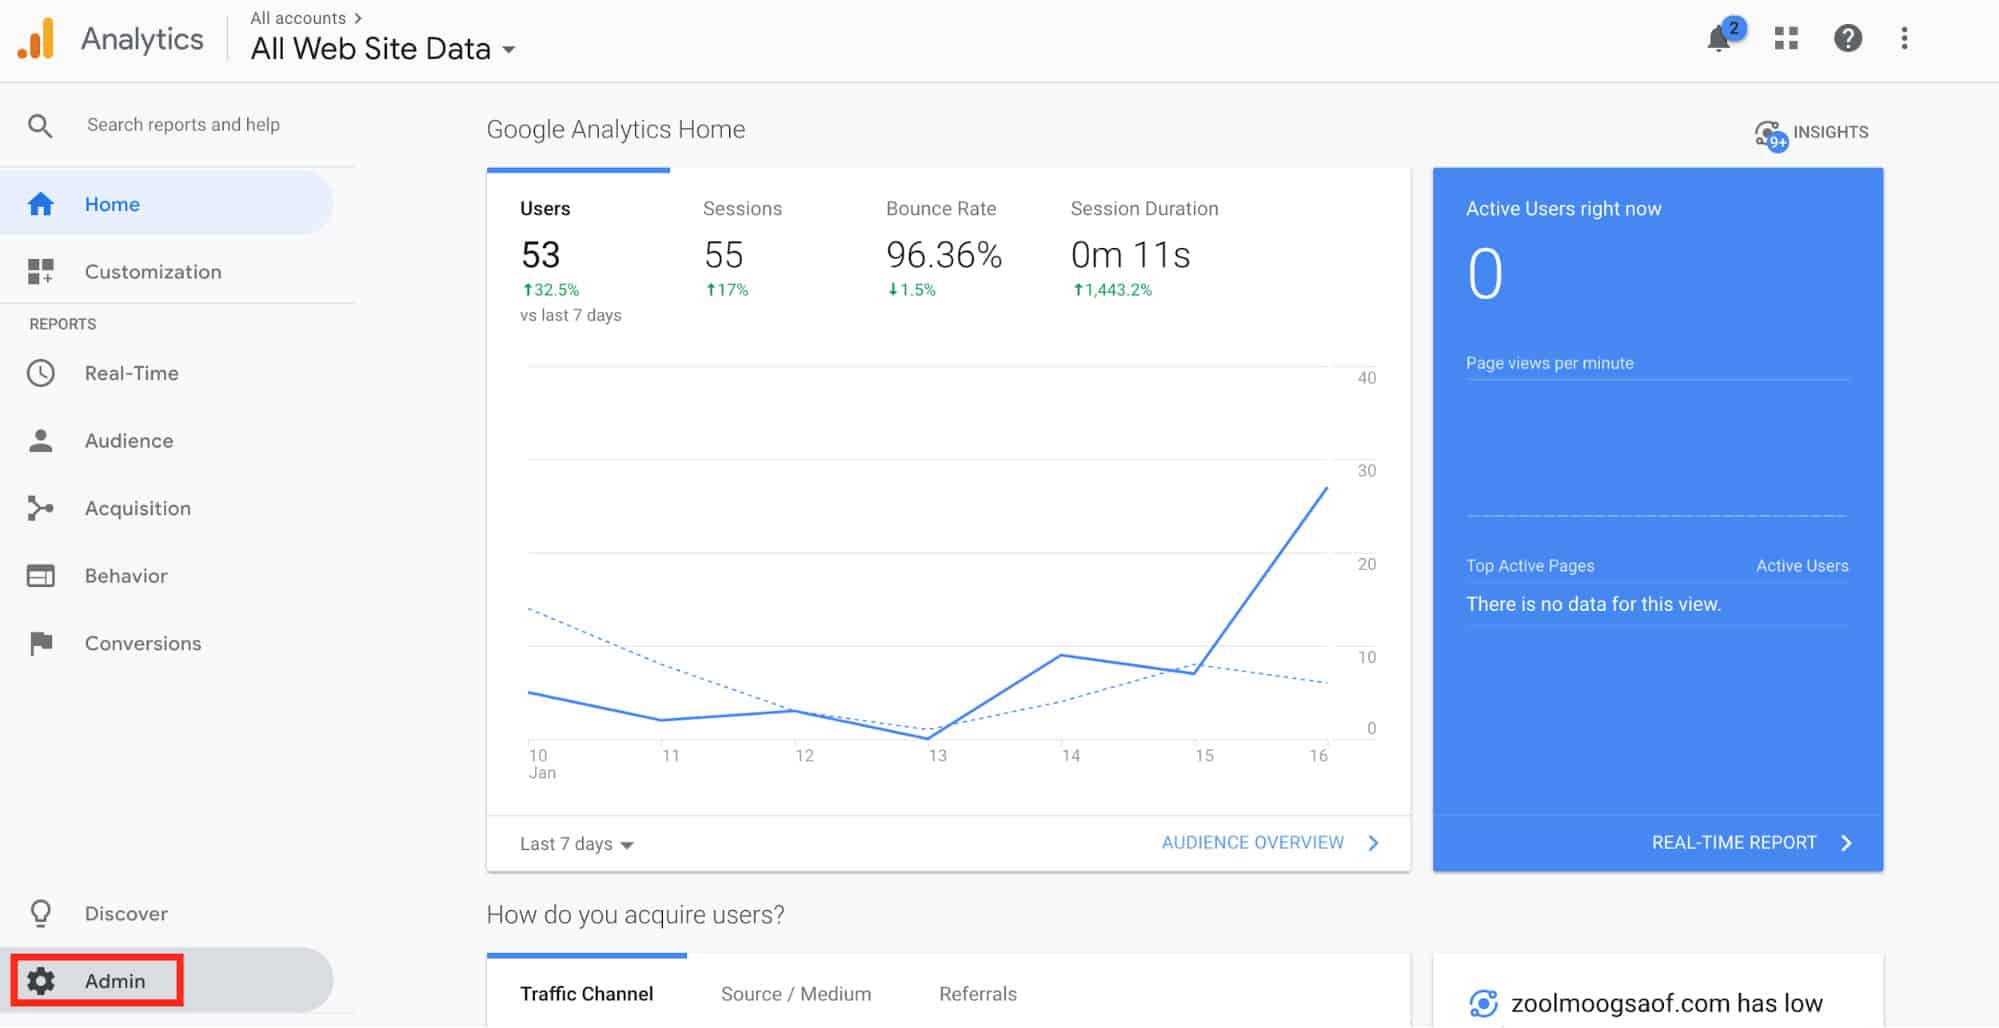 Impostazione dell'amministratore del sito di Google Analytics